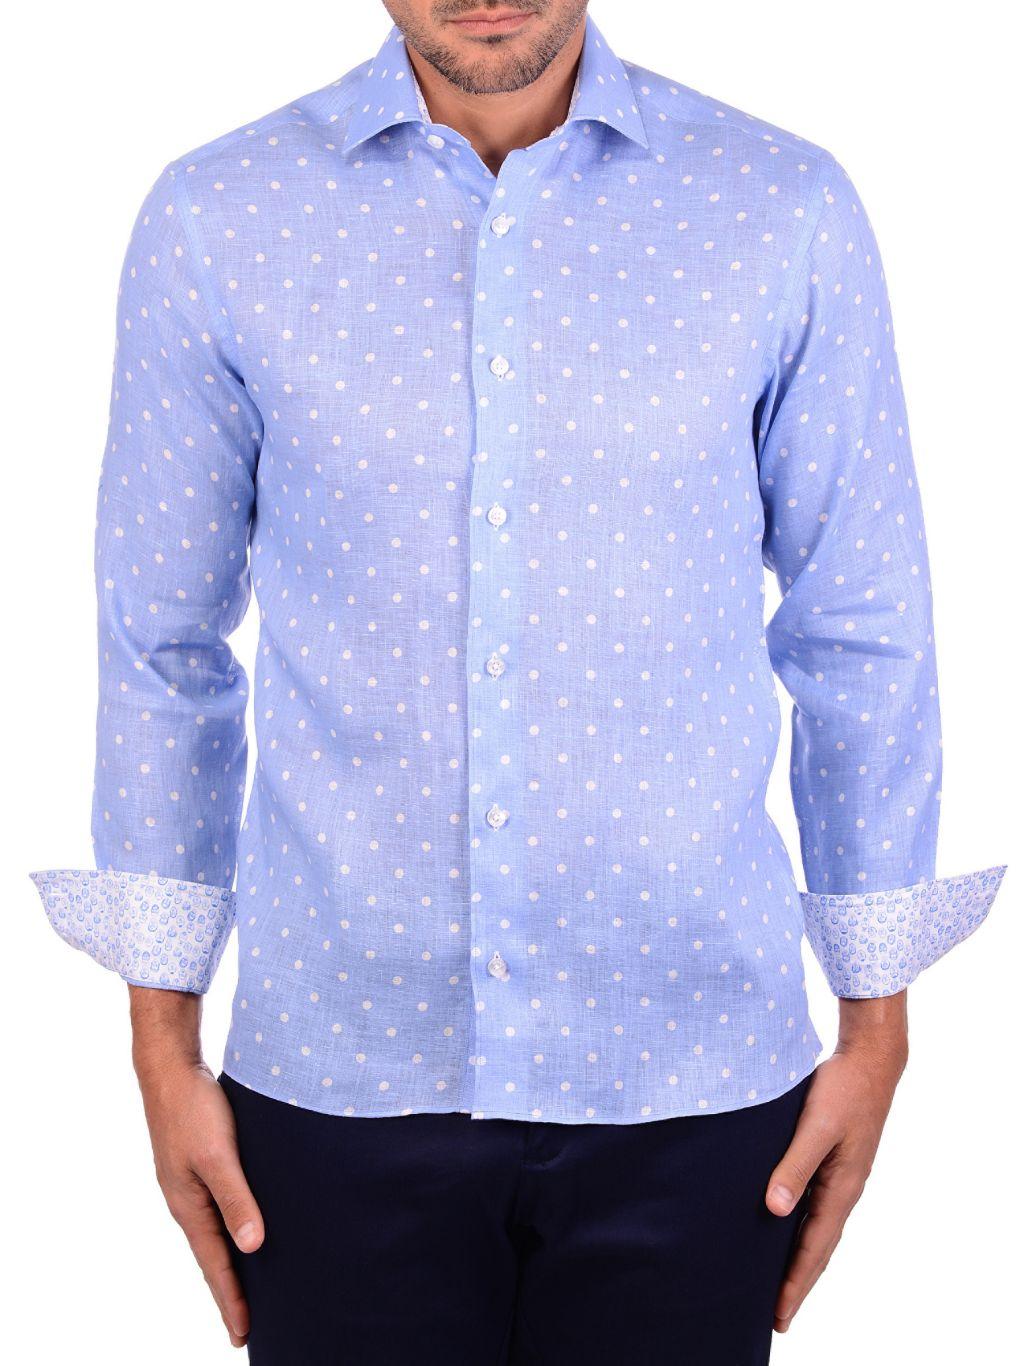 Bertigo Polka Dot Linen Shirt